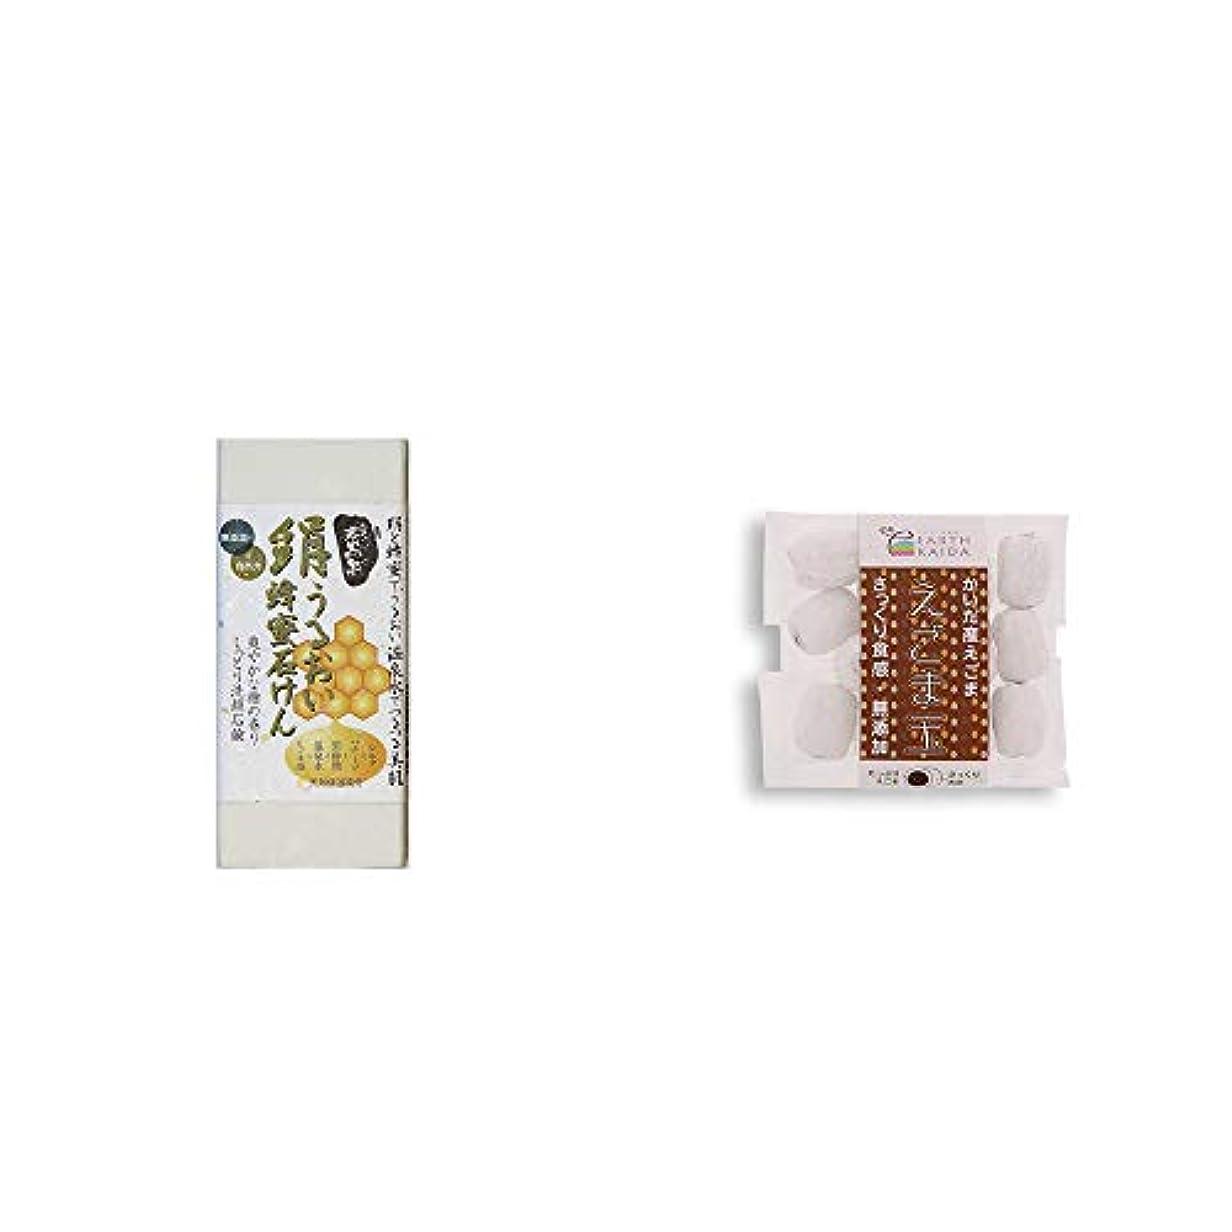 リーチ技術者マニフェスト[2点セット] ひのき炭黒泉 絹うるおい蜂蜜石けん(75g×2)?開田産えごま使用 えごま玉(100g)